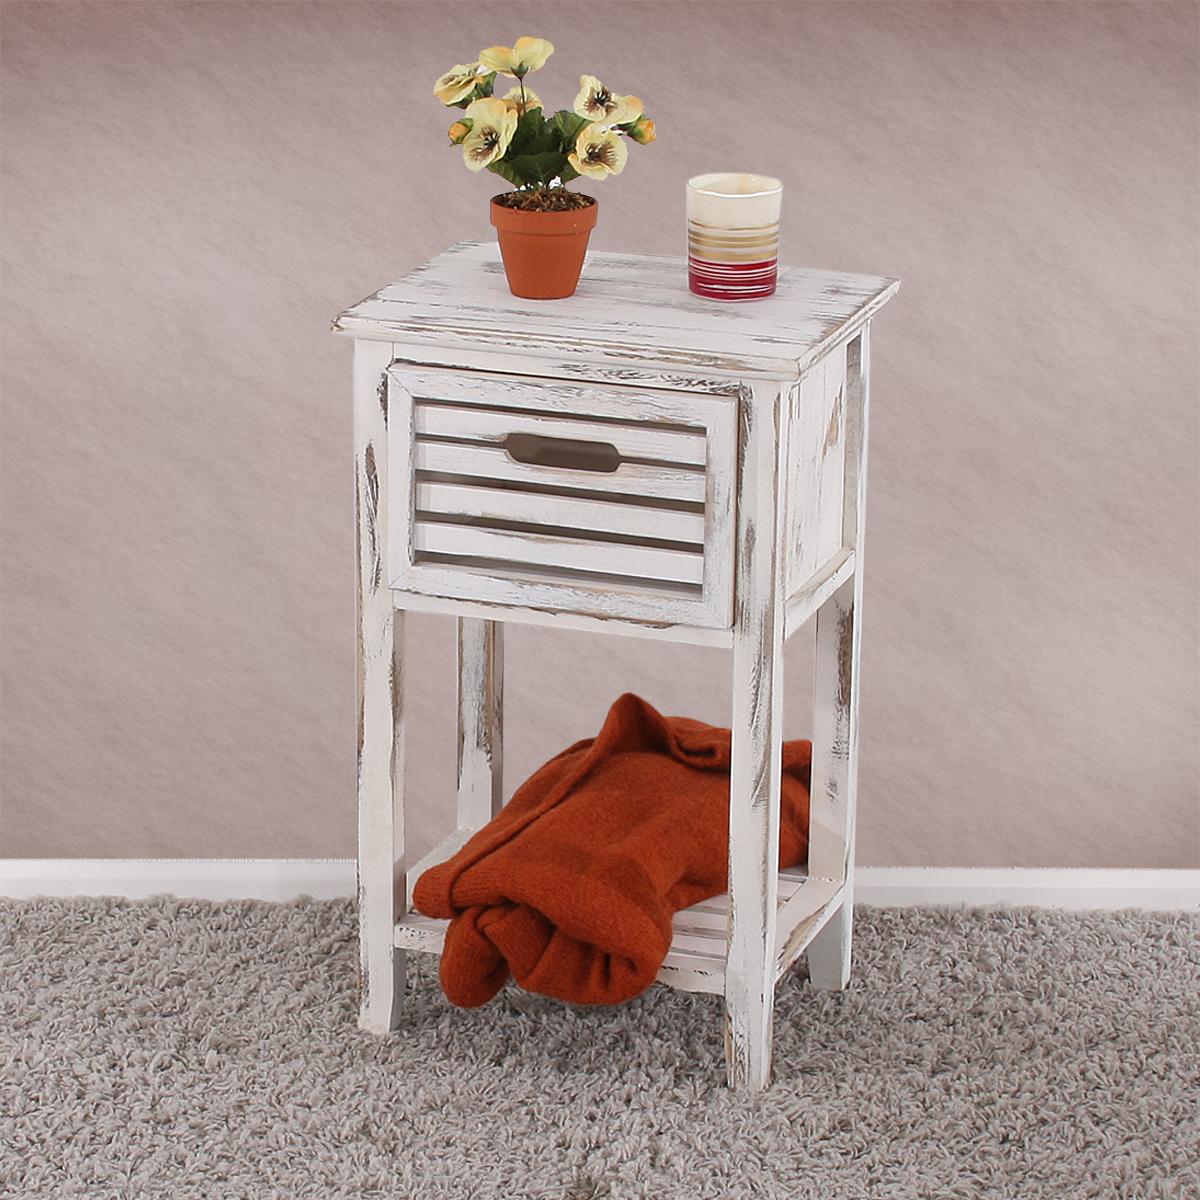 kommode beistelltisch telefontisch 57x35x27cm shabby look vintage wei. Black Bedroom Furniture Sets. Home Design Ideas